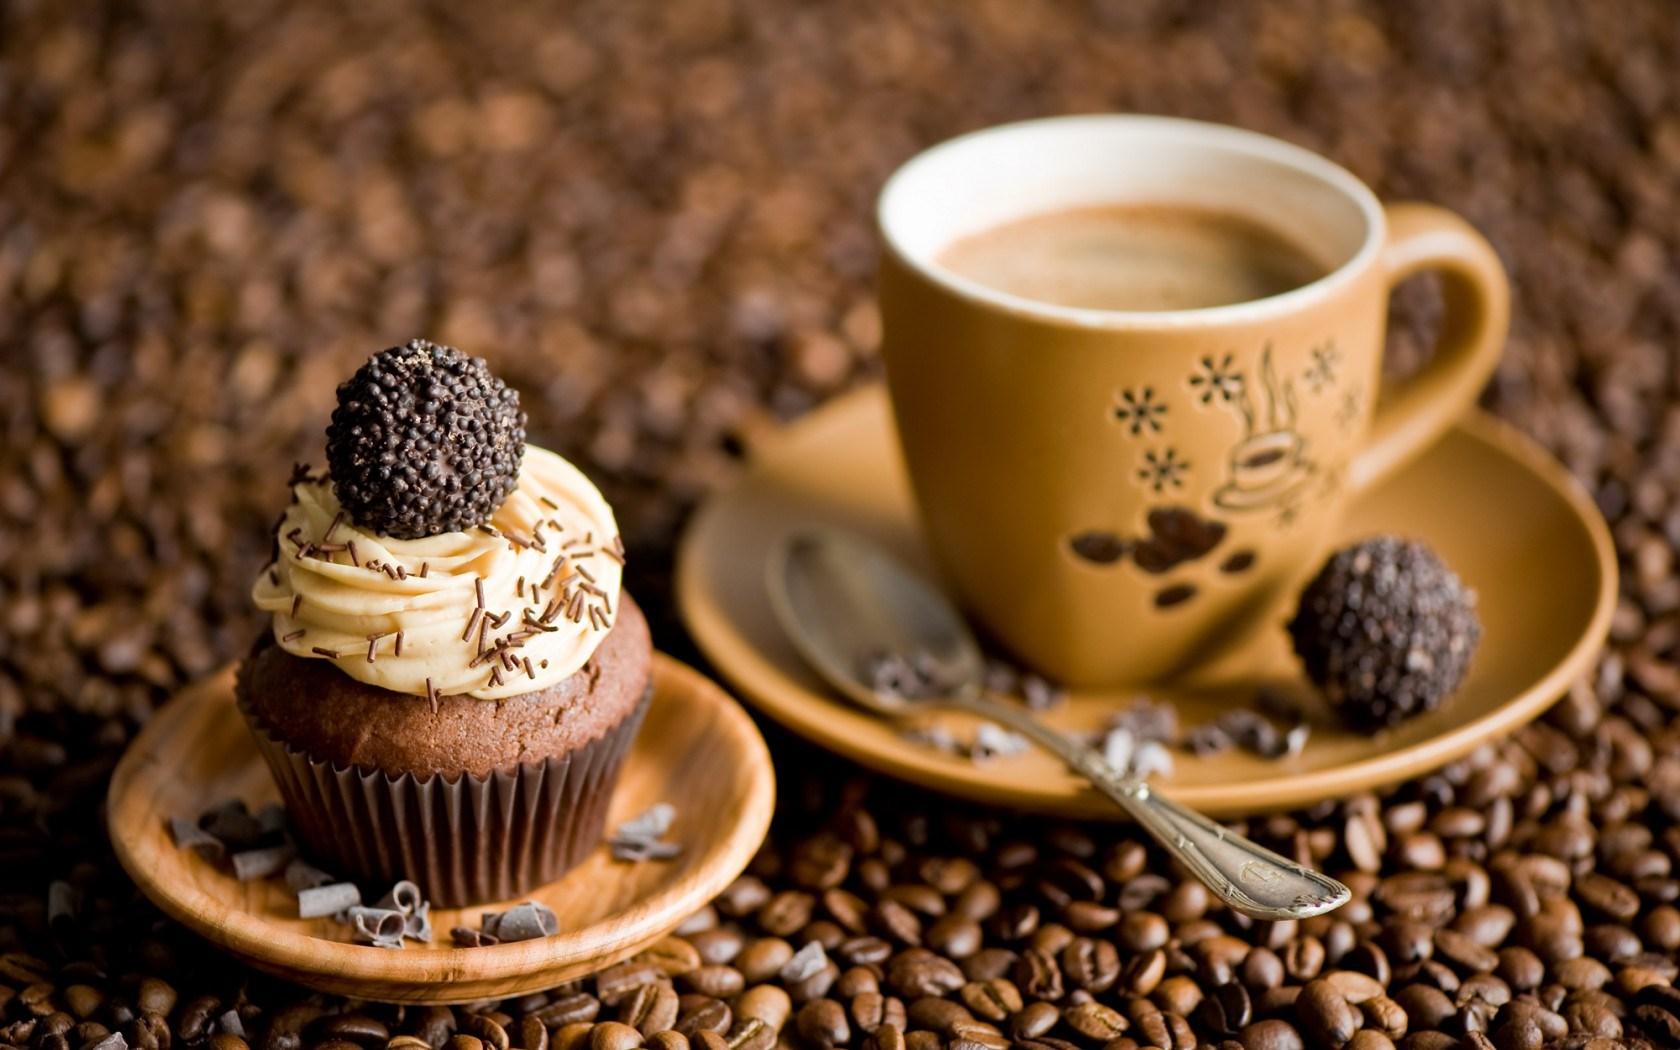 Cafe - chất kích thích có hại cho thần kinh (Nguồn: Internet)